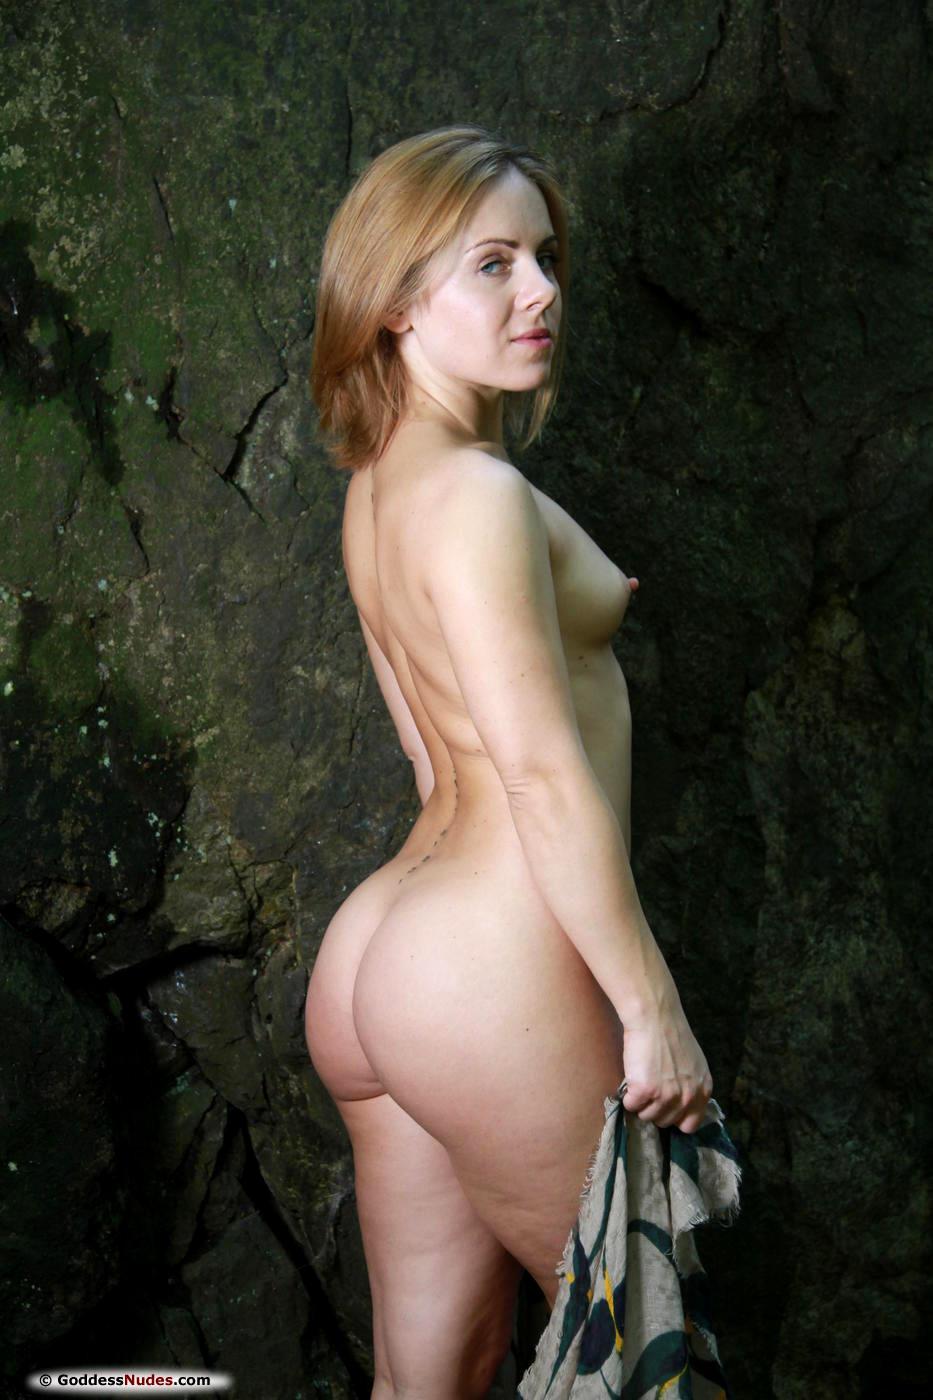 модели студии goddess nudes